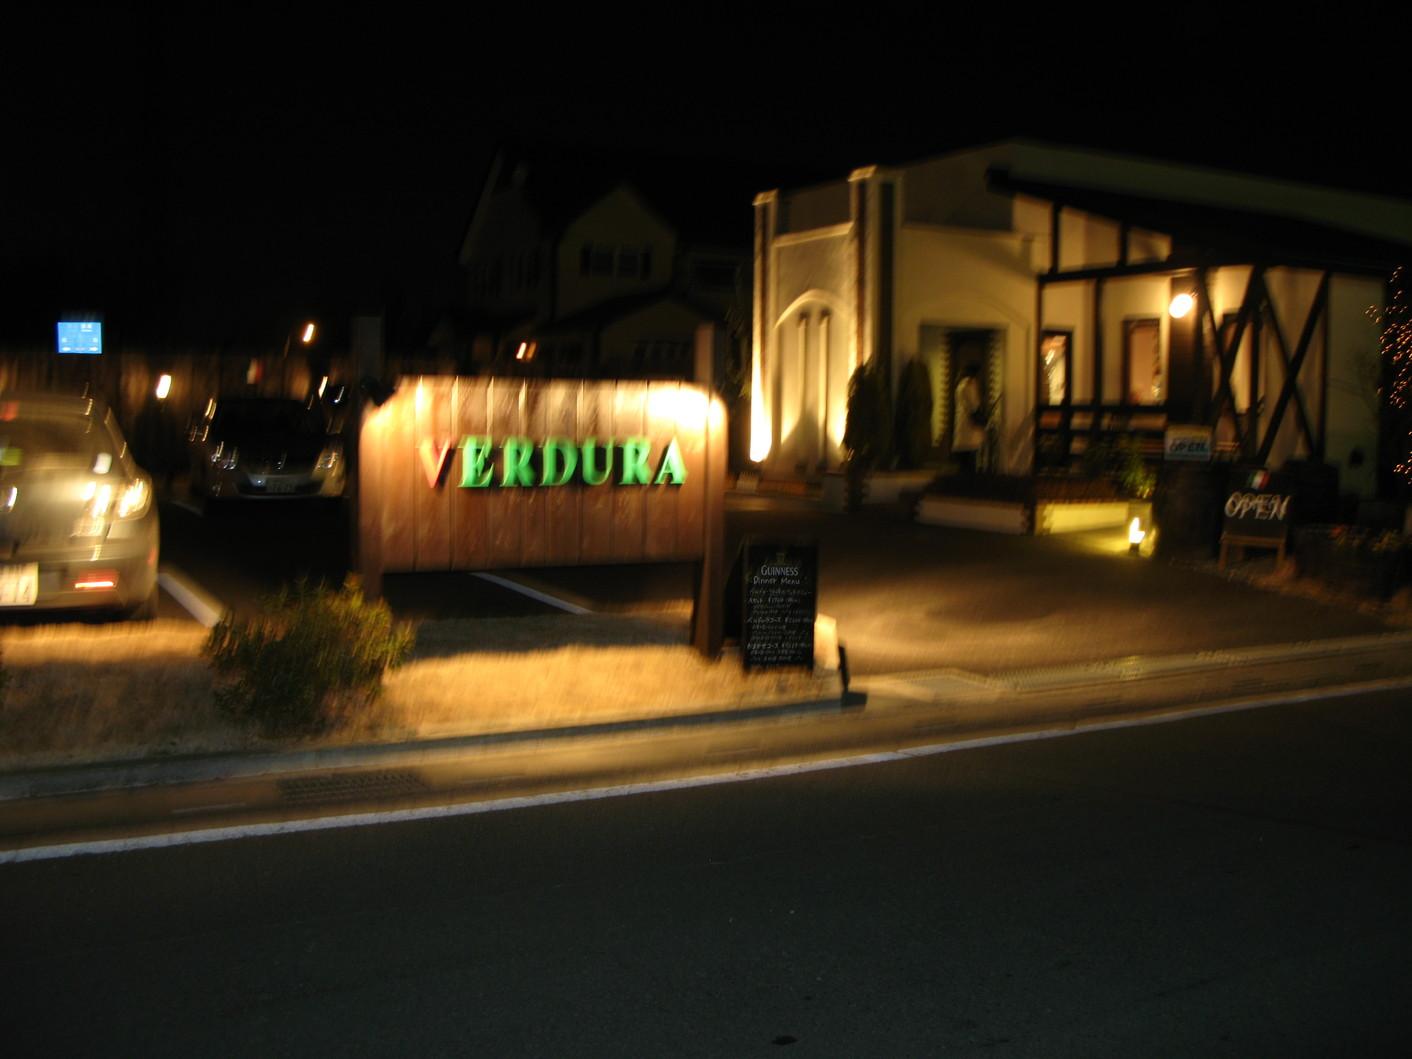 ベルドゥーラ